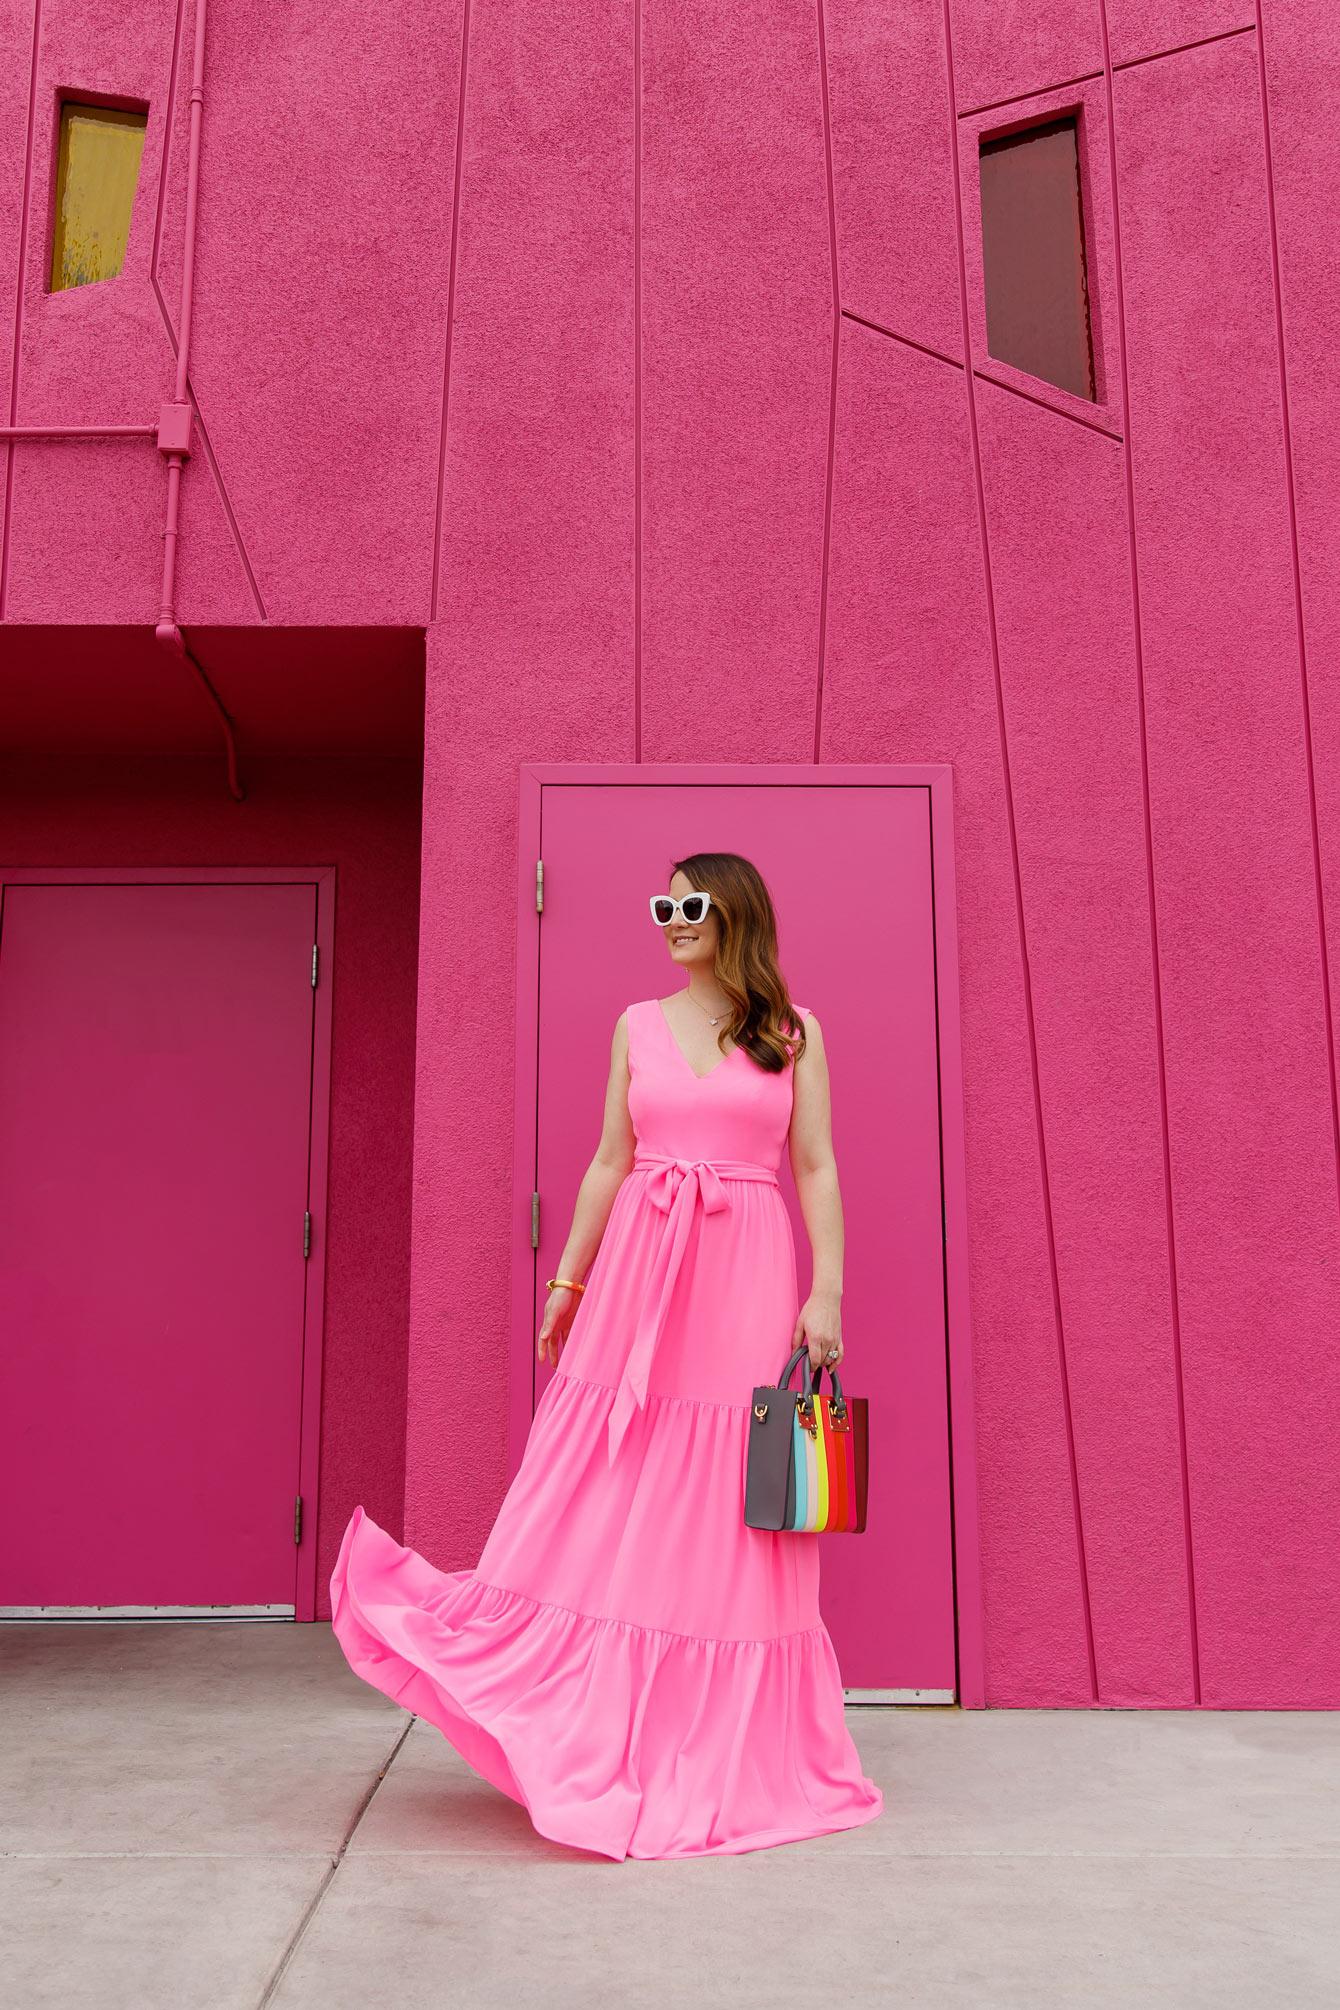 Jennifer Lake Lilly Pulitzer Pink Maxi